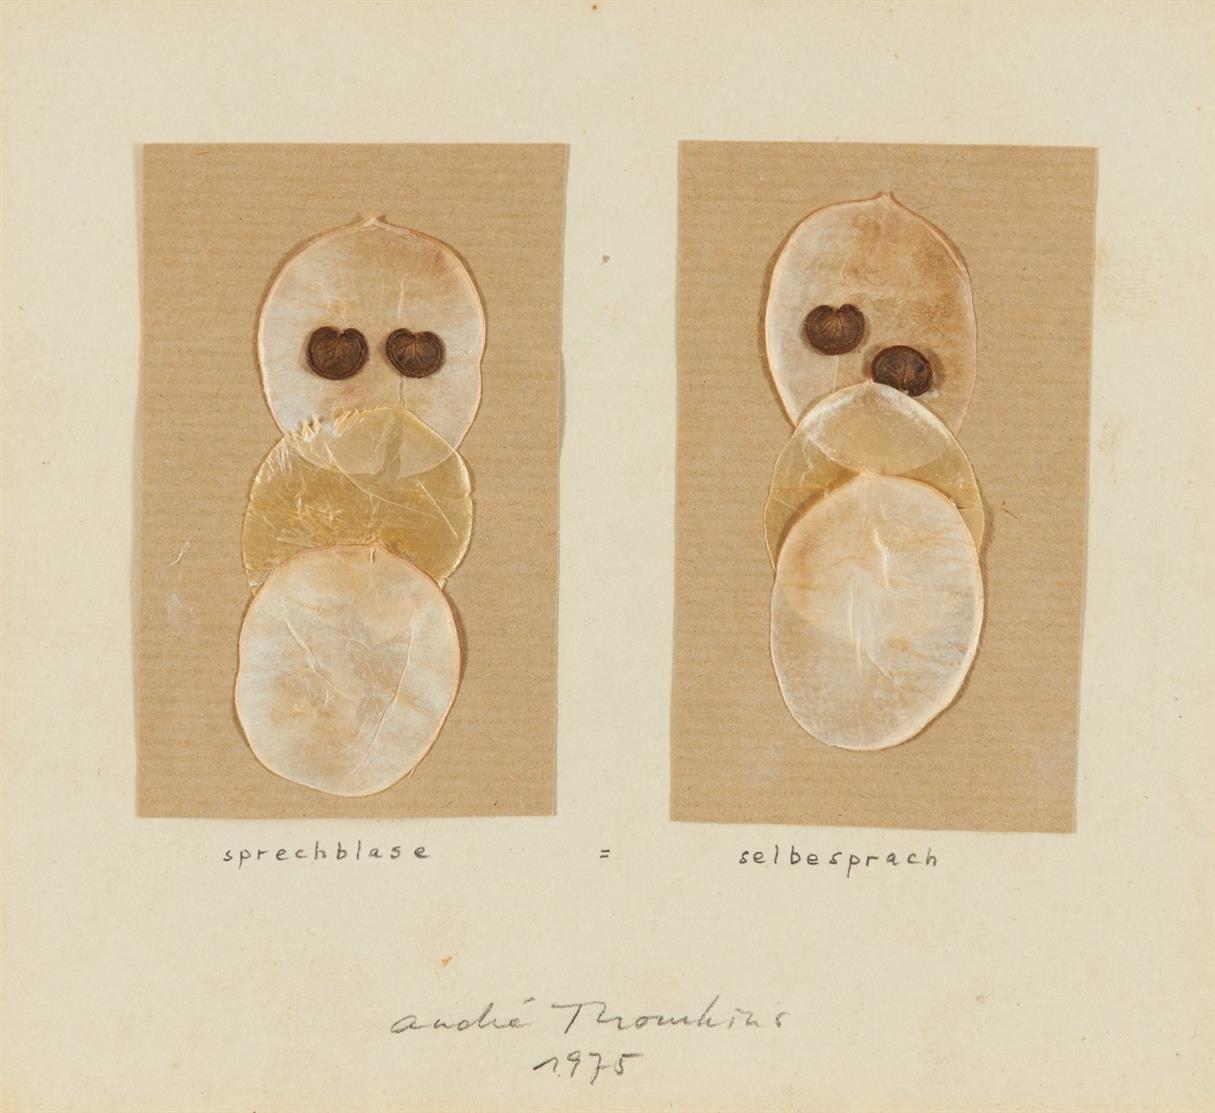 André Thomkins. Sprechblase - Selbesprach. 1975. Collage aus Blütenblättern und Planzensamen auf Papier. Signiert.